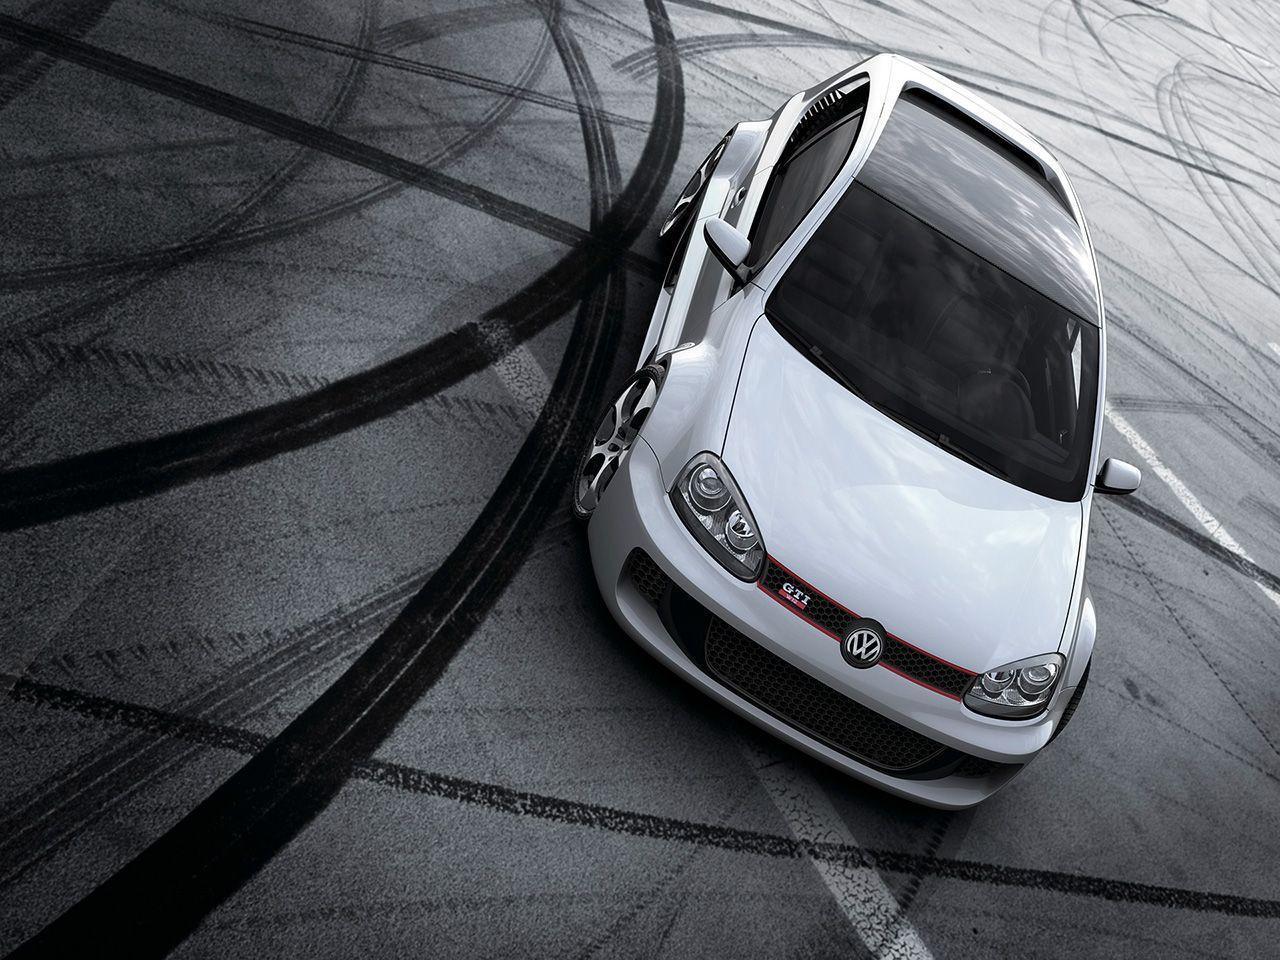 Golf R 0-60 >> Volkswagen GTI Wallpapers - Wallpaper Cave